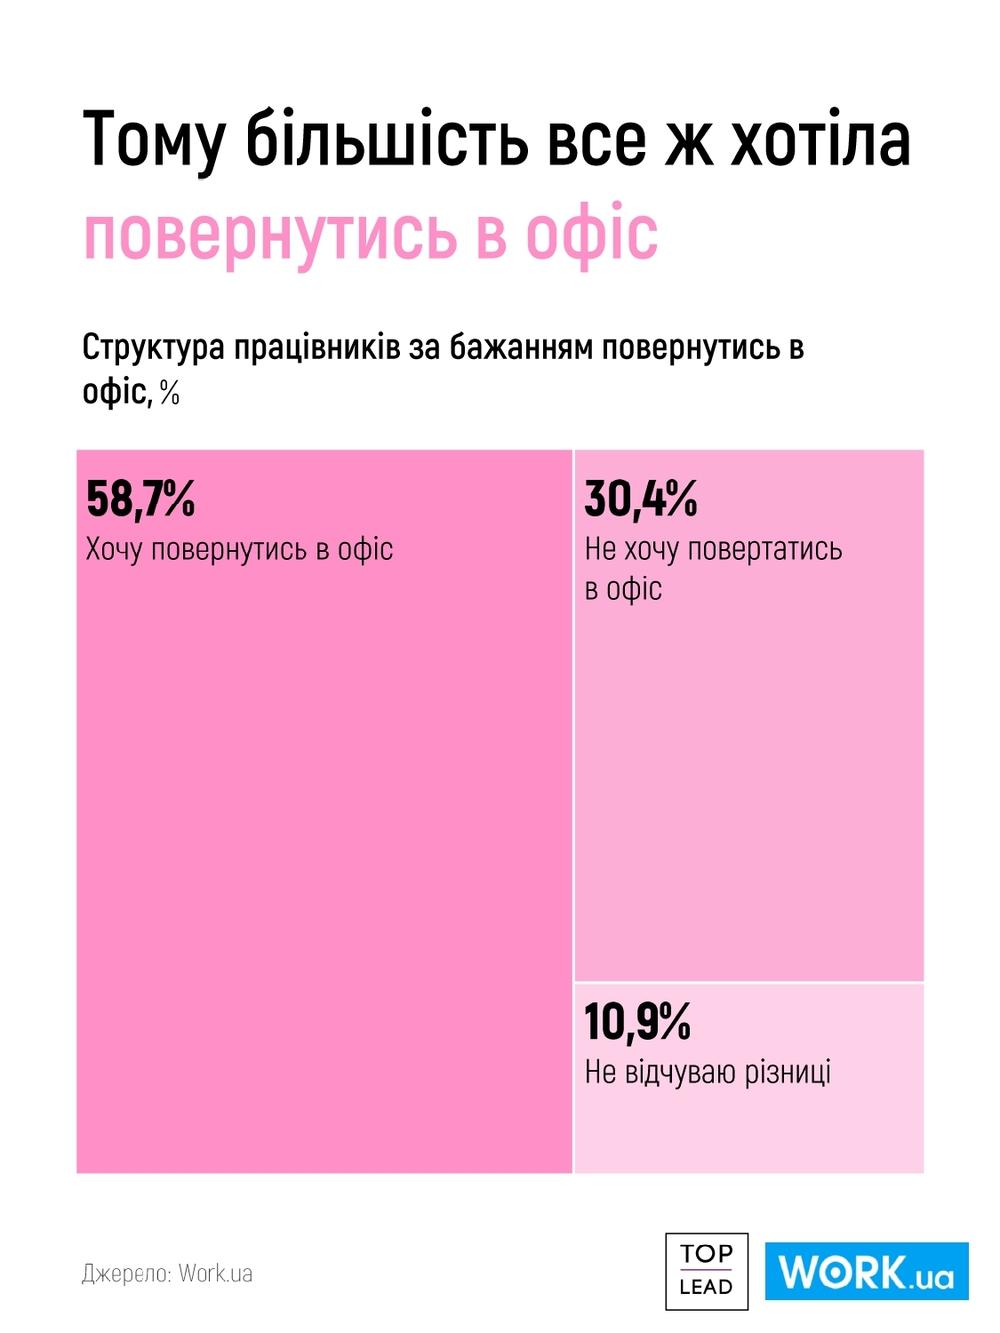 кто хочет вернуться в офис в Украине